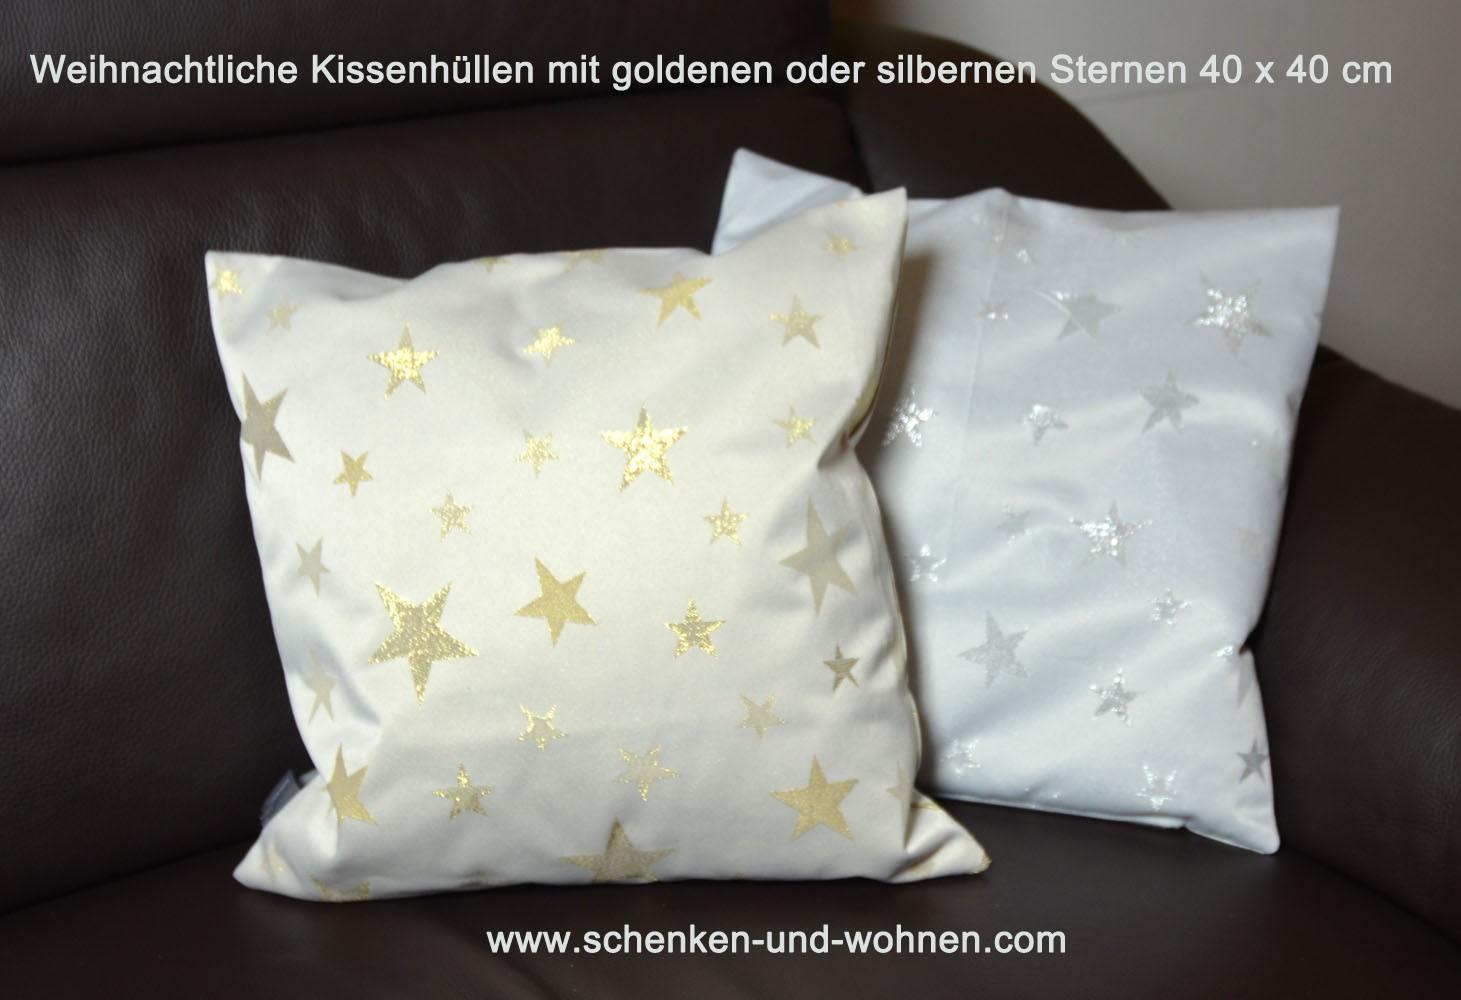 Kissenhülle 40 x 40 cm mit goldenen Sternen